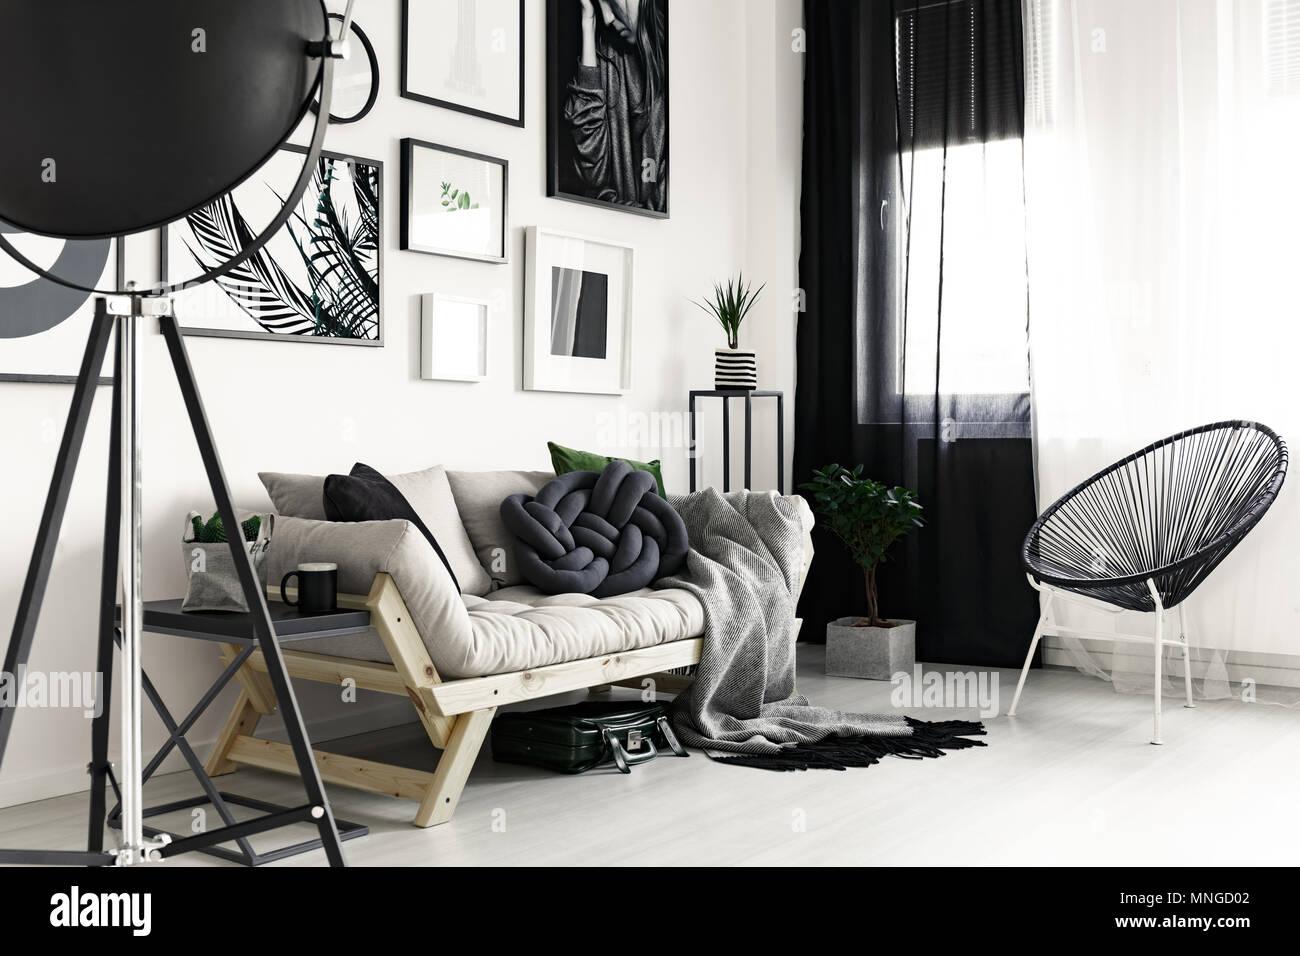 Divano in legno e nero elegante sedia di design moderno soggiorno